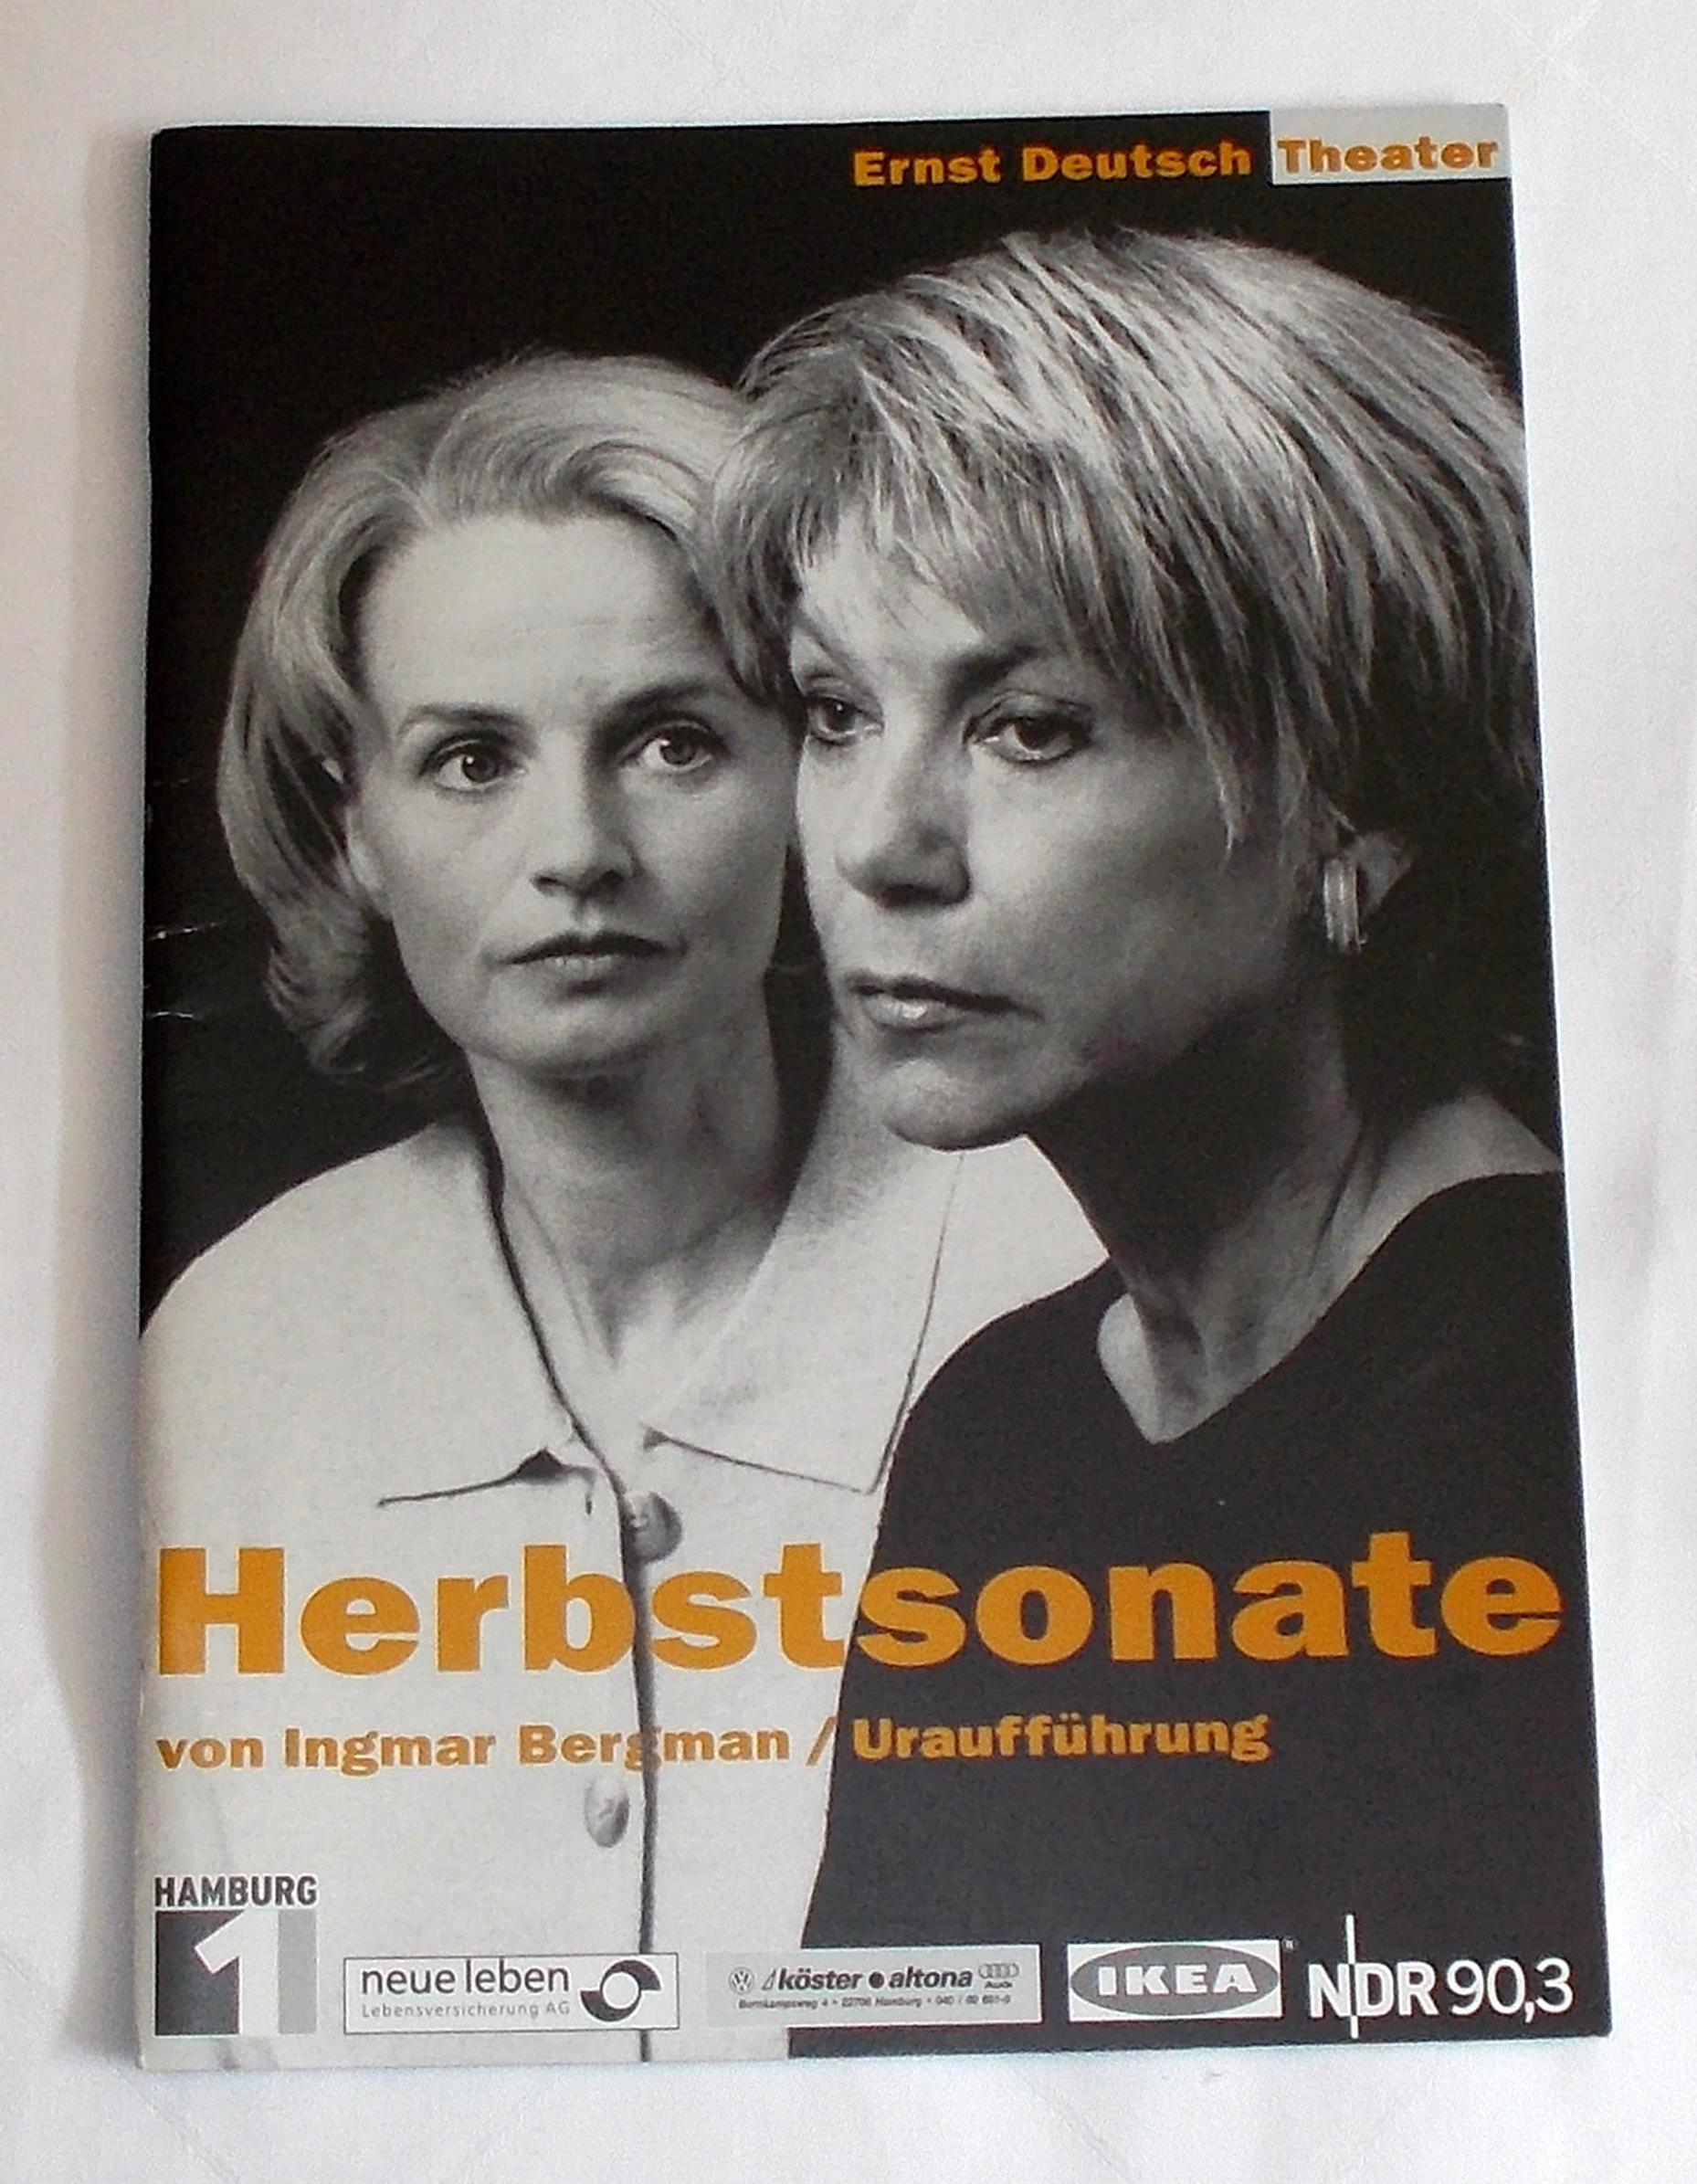 Programmheft Uraufführung Herbstsonate I. Bergmann Ernst Deutsch Theater 2002